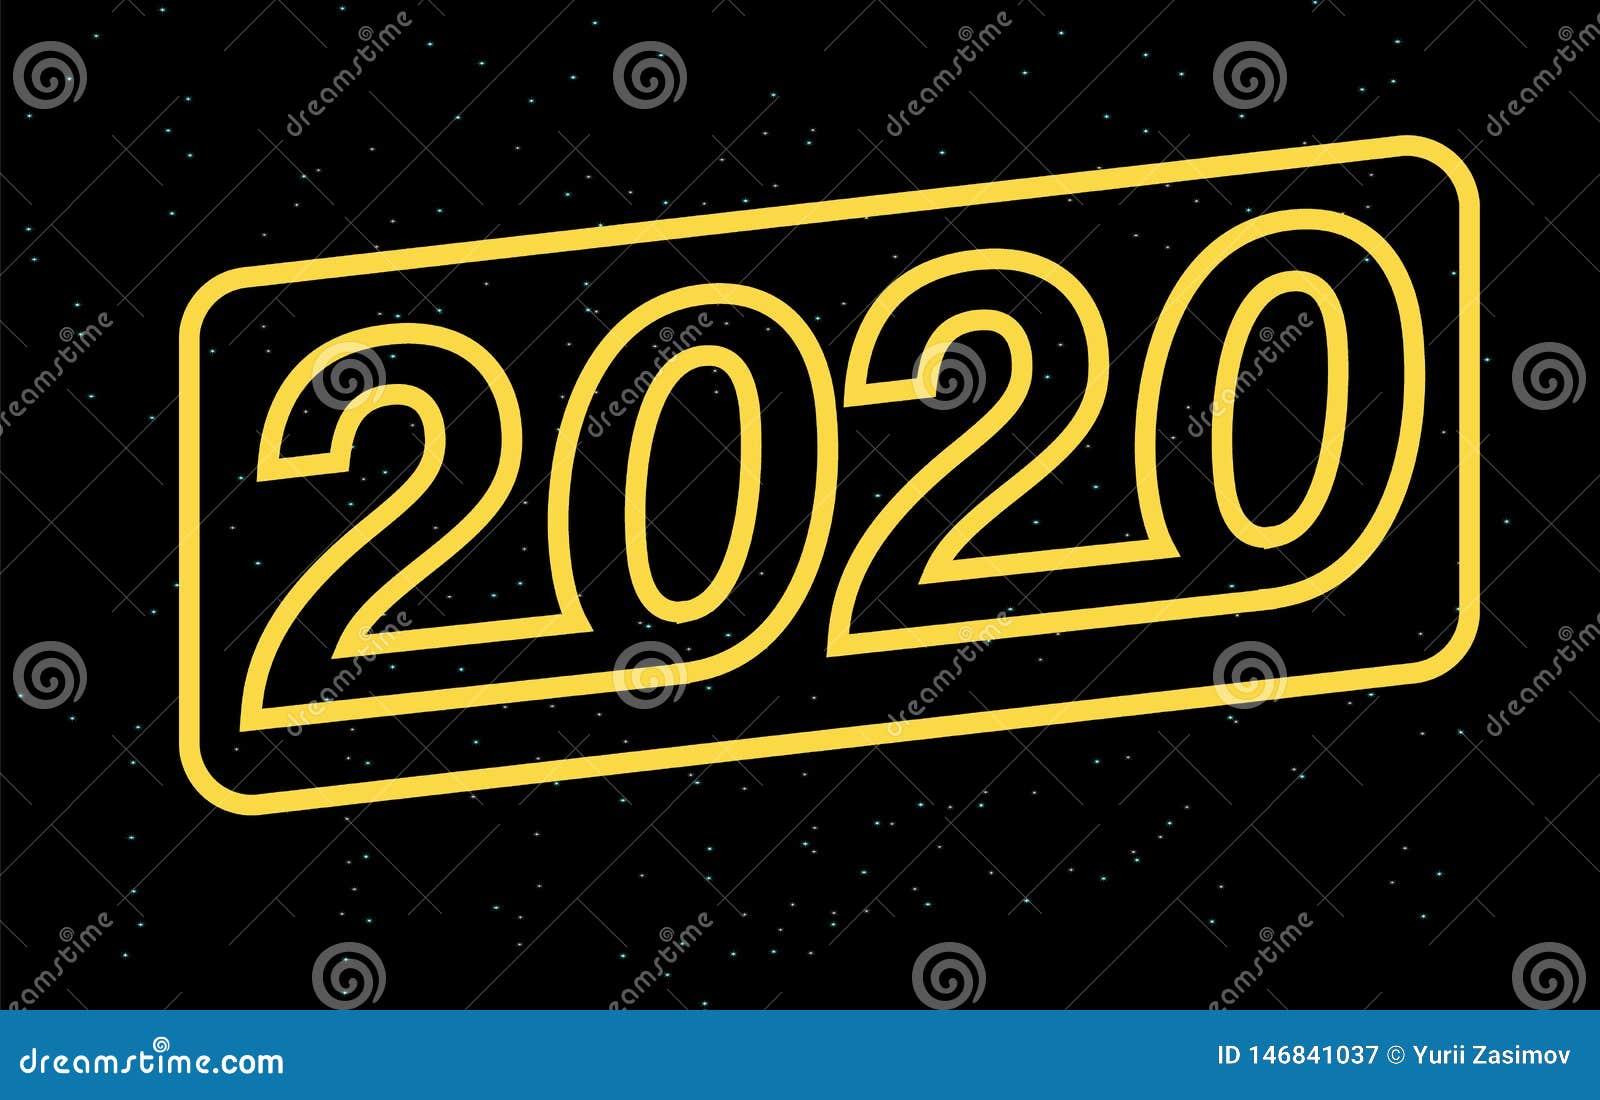 Feliz Navidad Y Feliz Año Nuevo 2020 Para Sus Prospectos Y